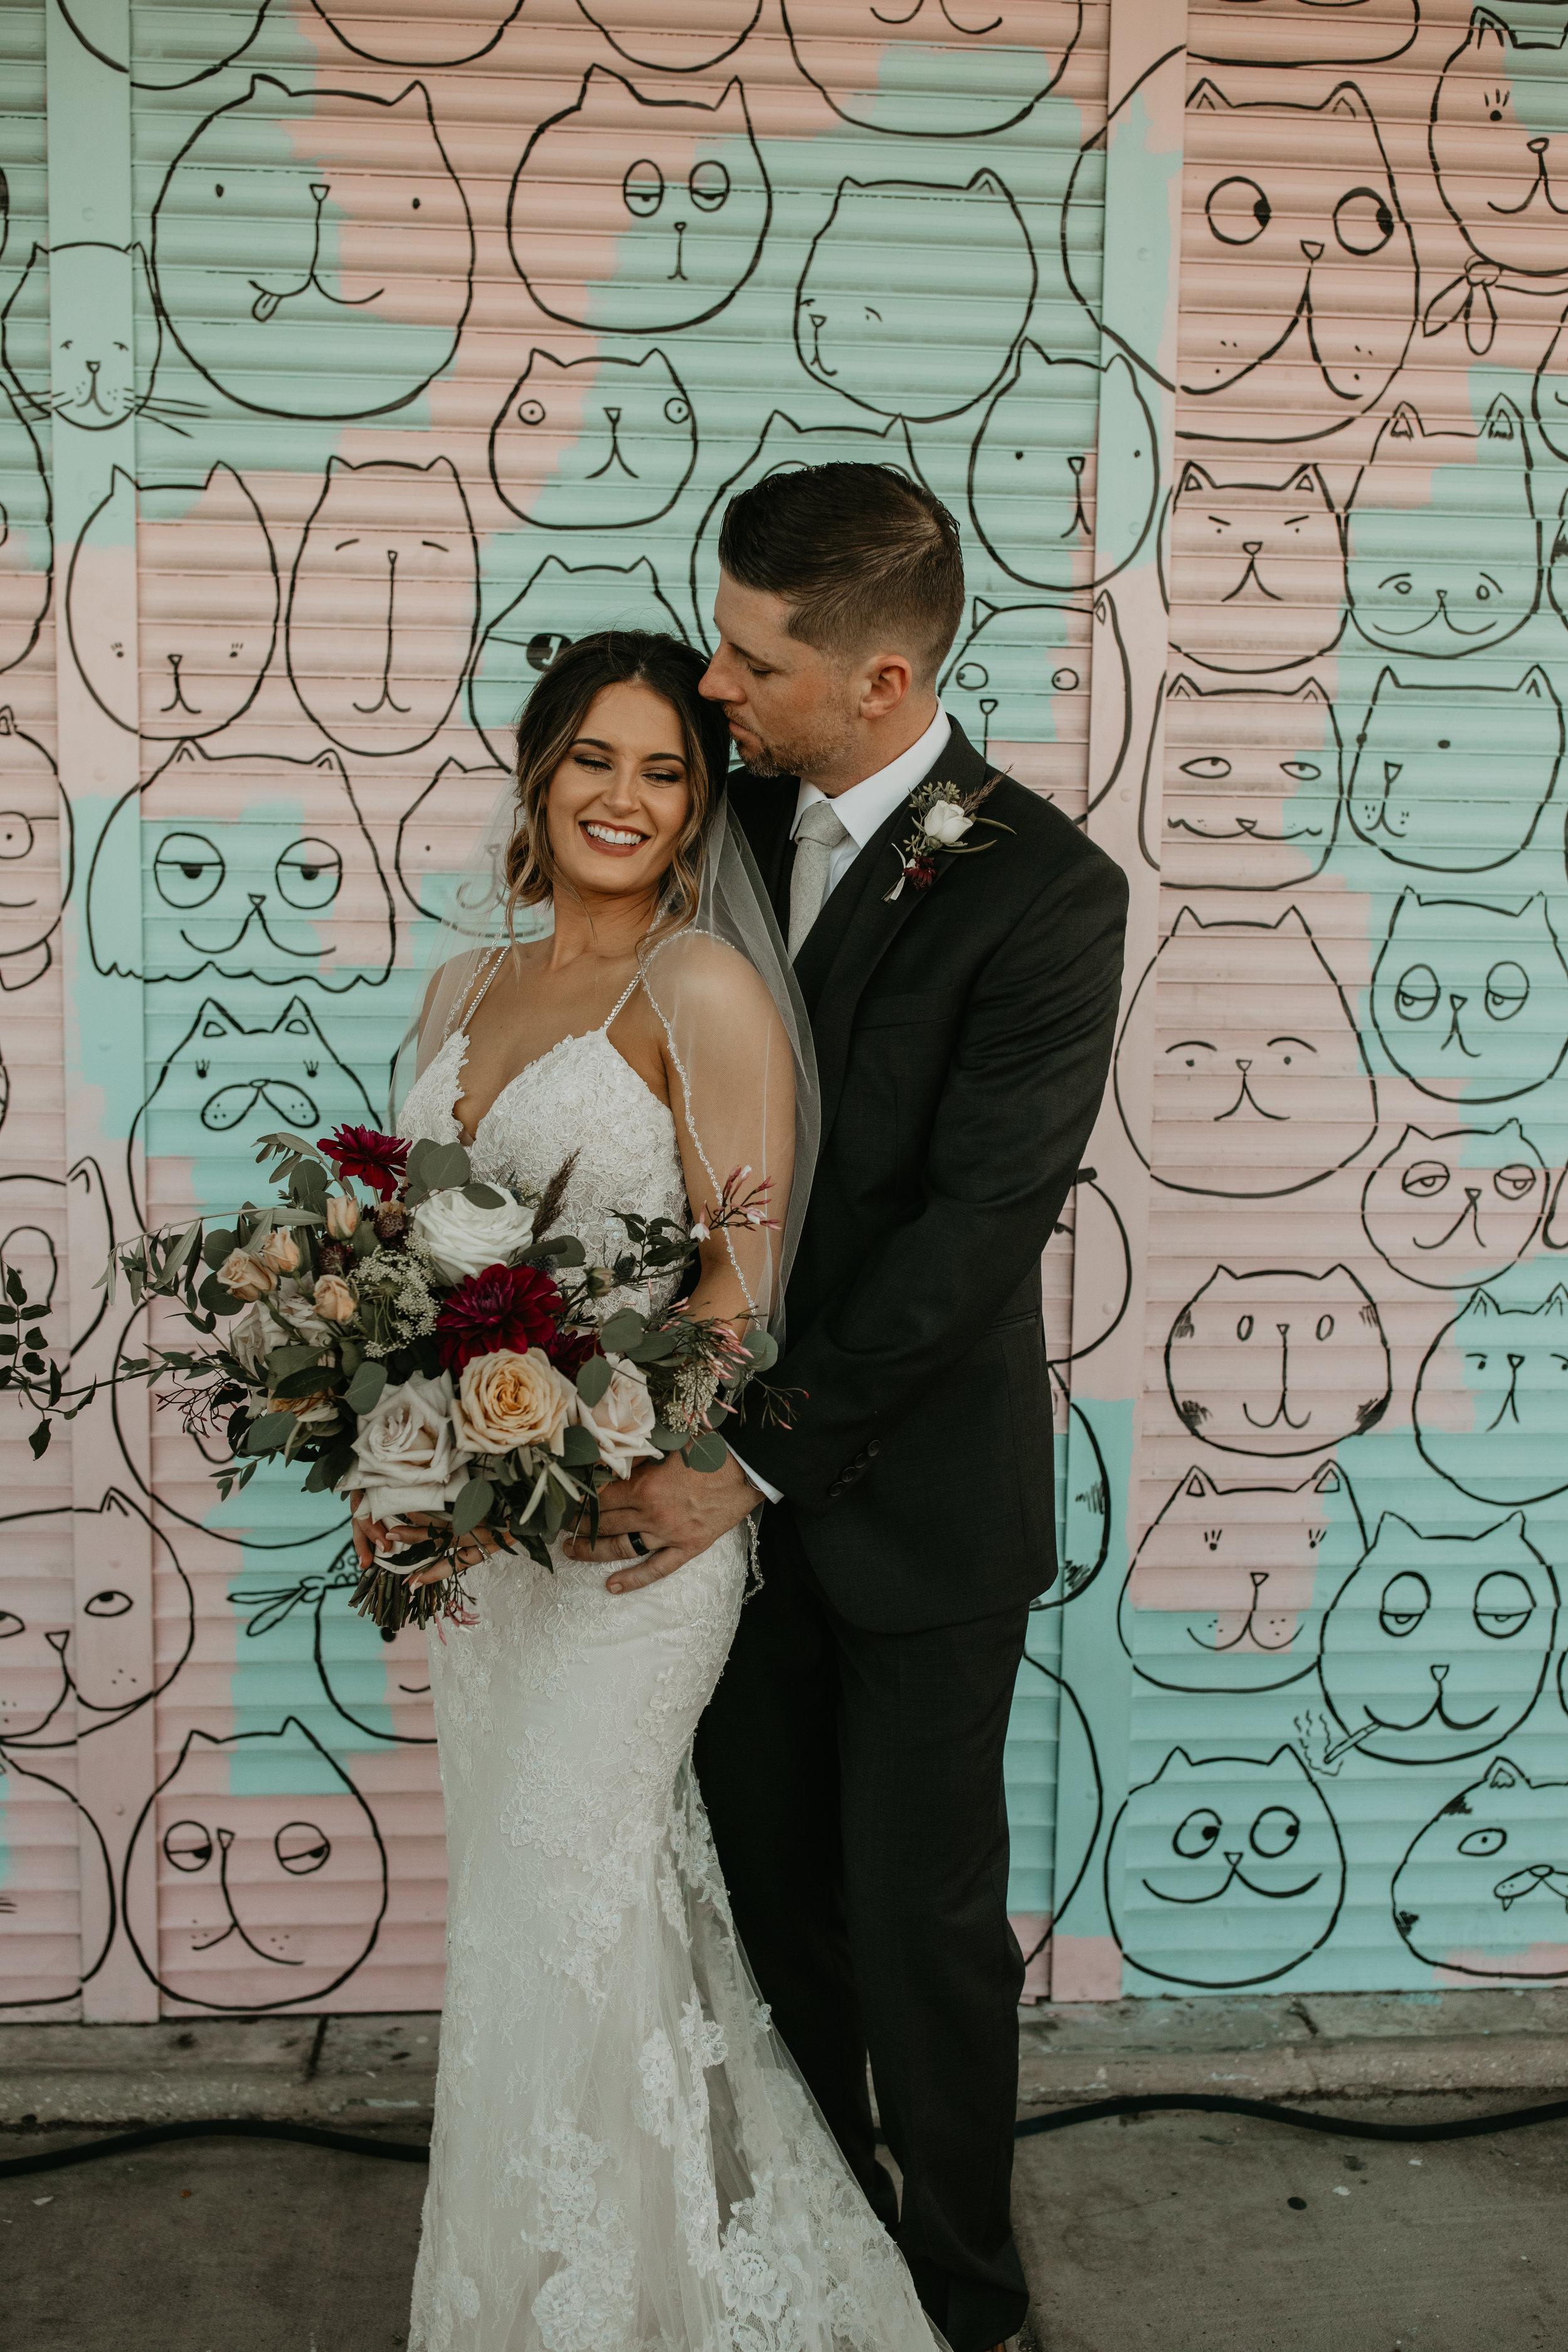 The Rialto Tampa Florida-Wedding-Taylor and Jacob53.JPG